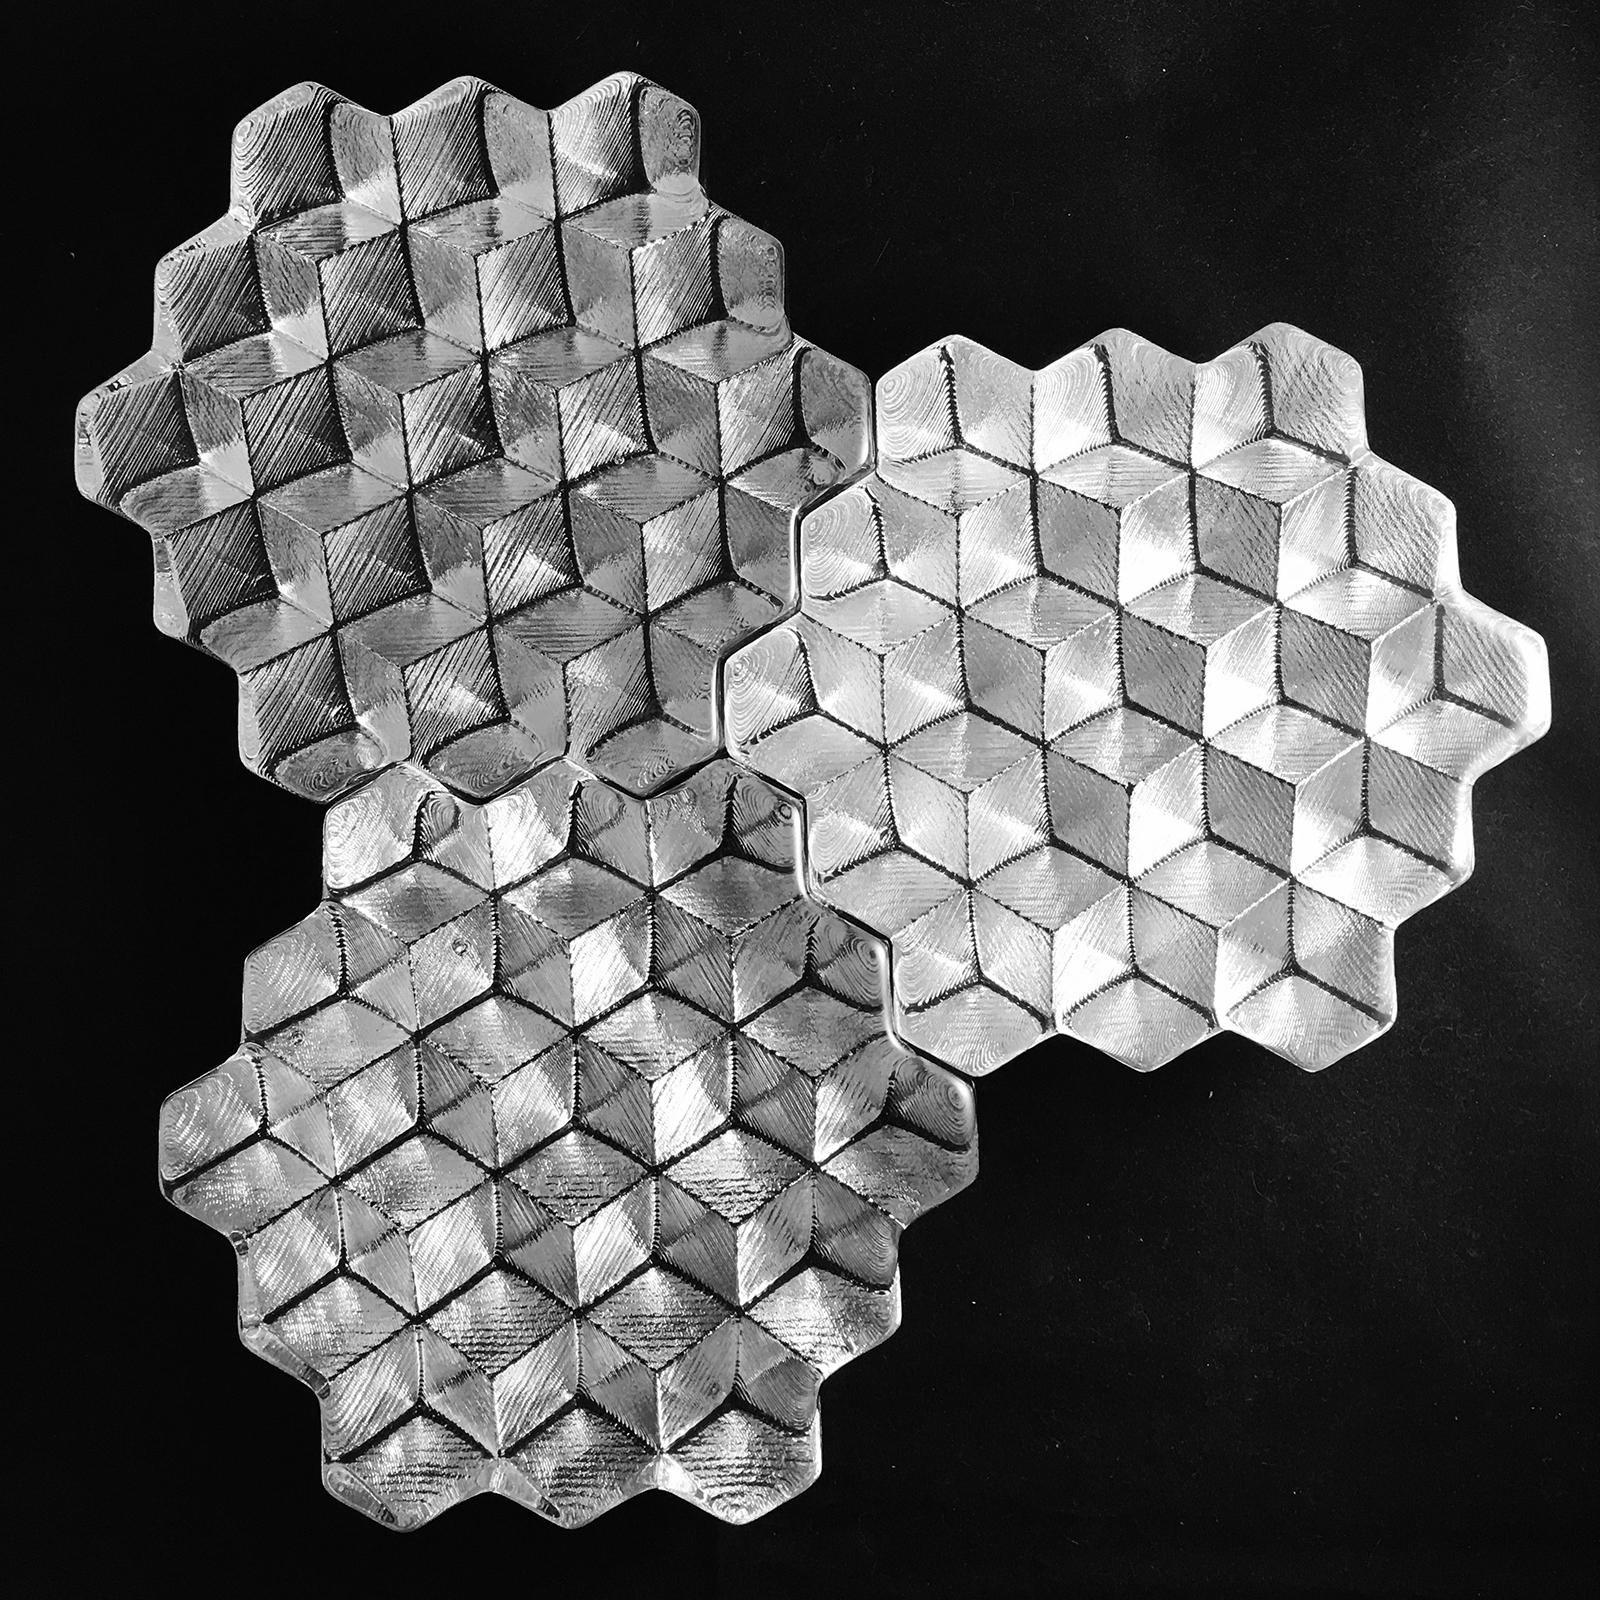 Frederick G. Kahl, Sacred Geometry Hexagonal Tiles